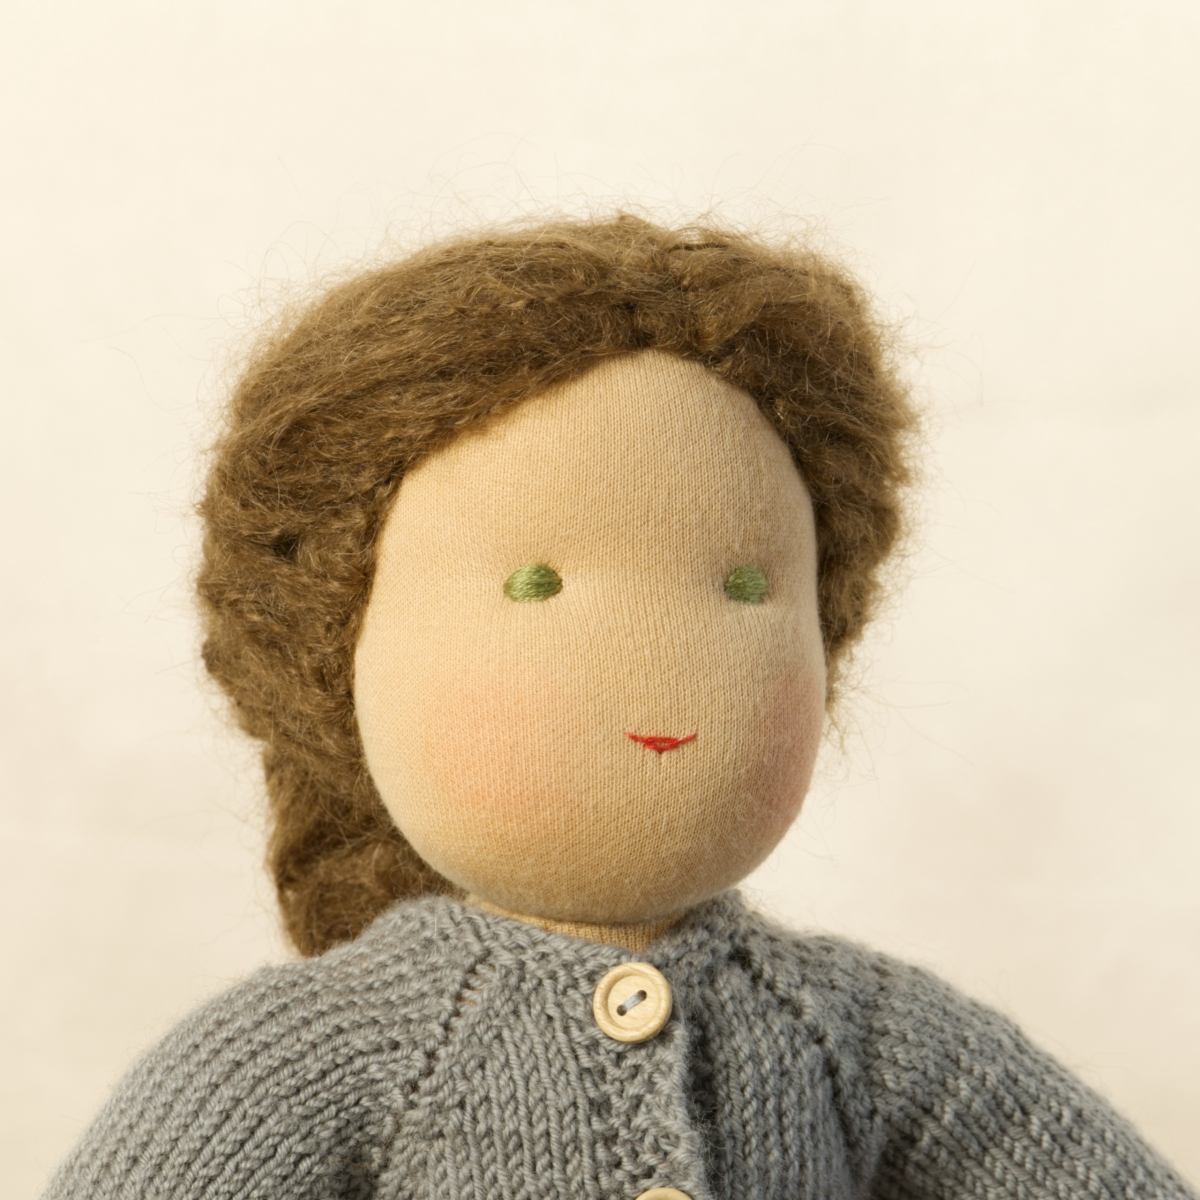 Puppe mit hellem Hautton nach Waldorf-Art, geflochtene lange braune Haare, gekleidet in grauen Strickanzug